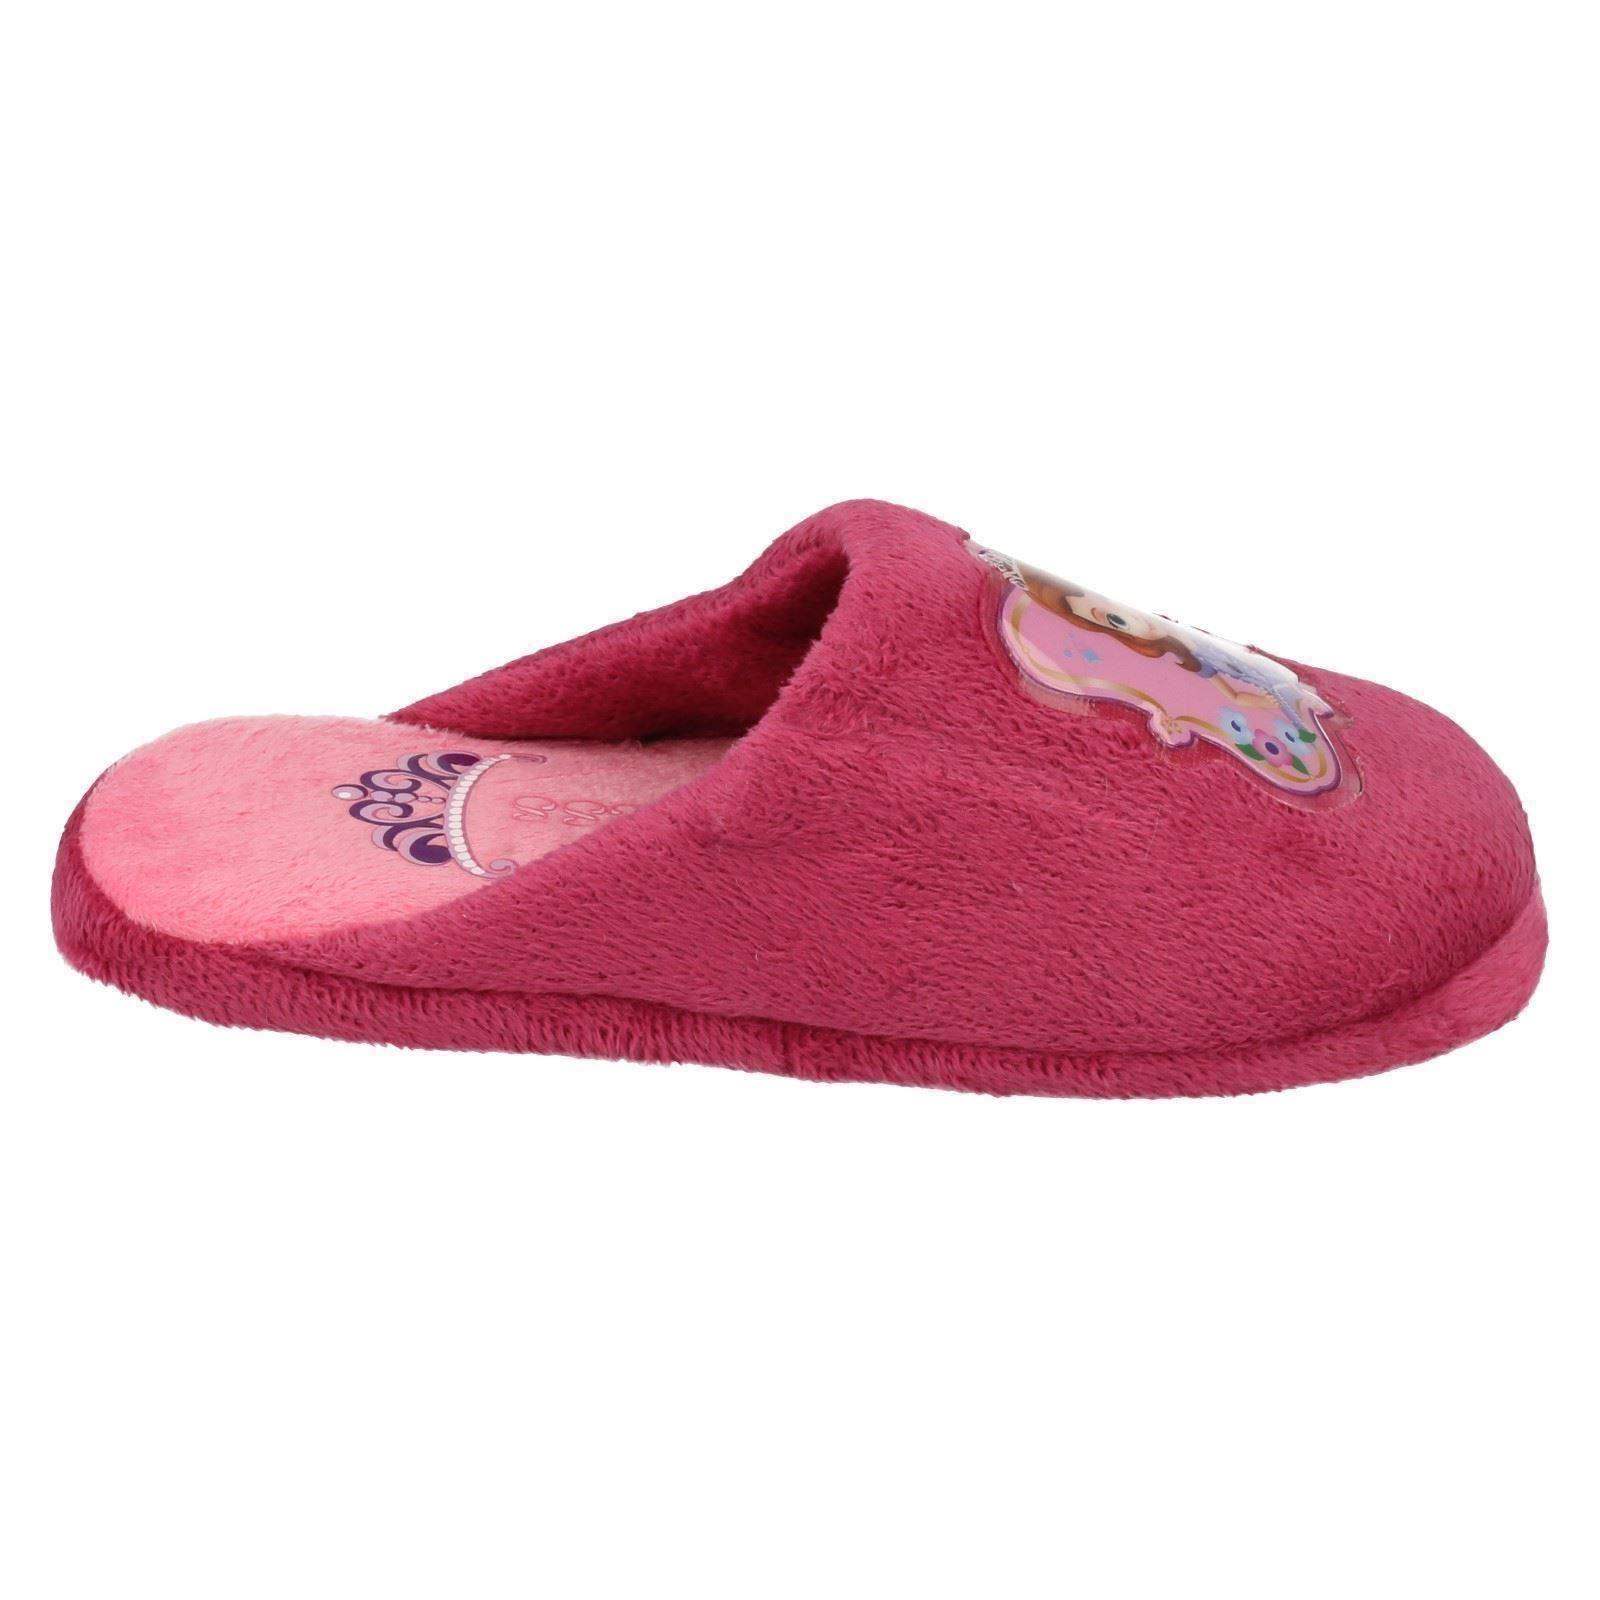 Chicas Princesa Sofía La Primera Zapatillas